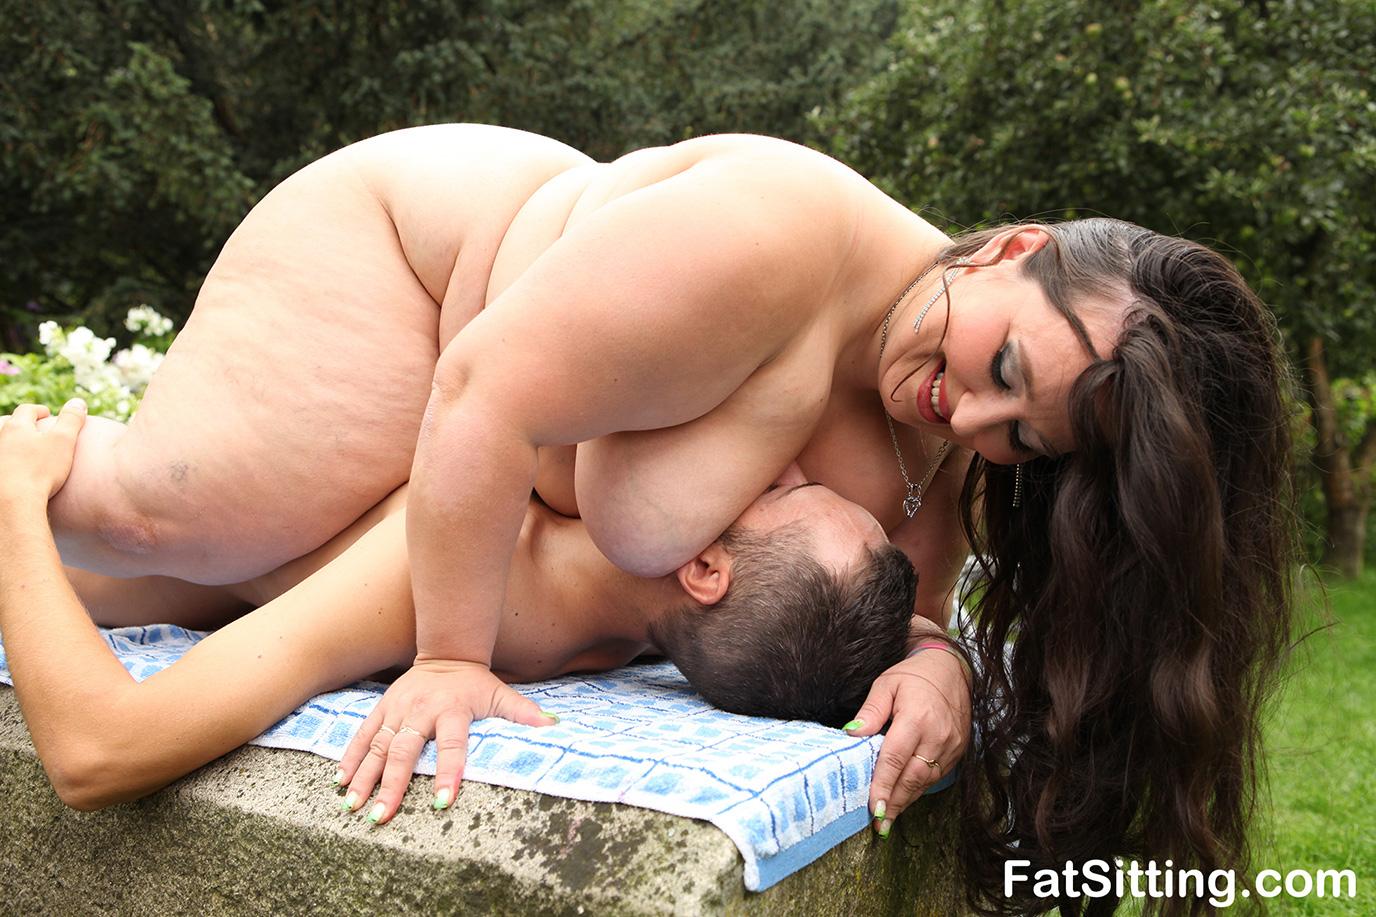 Bbw fat women facesitting